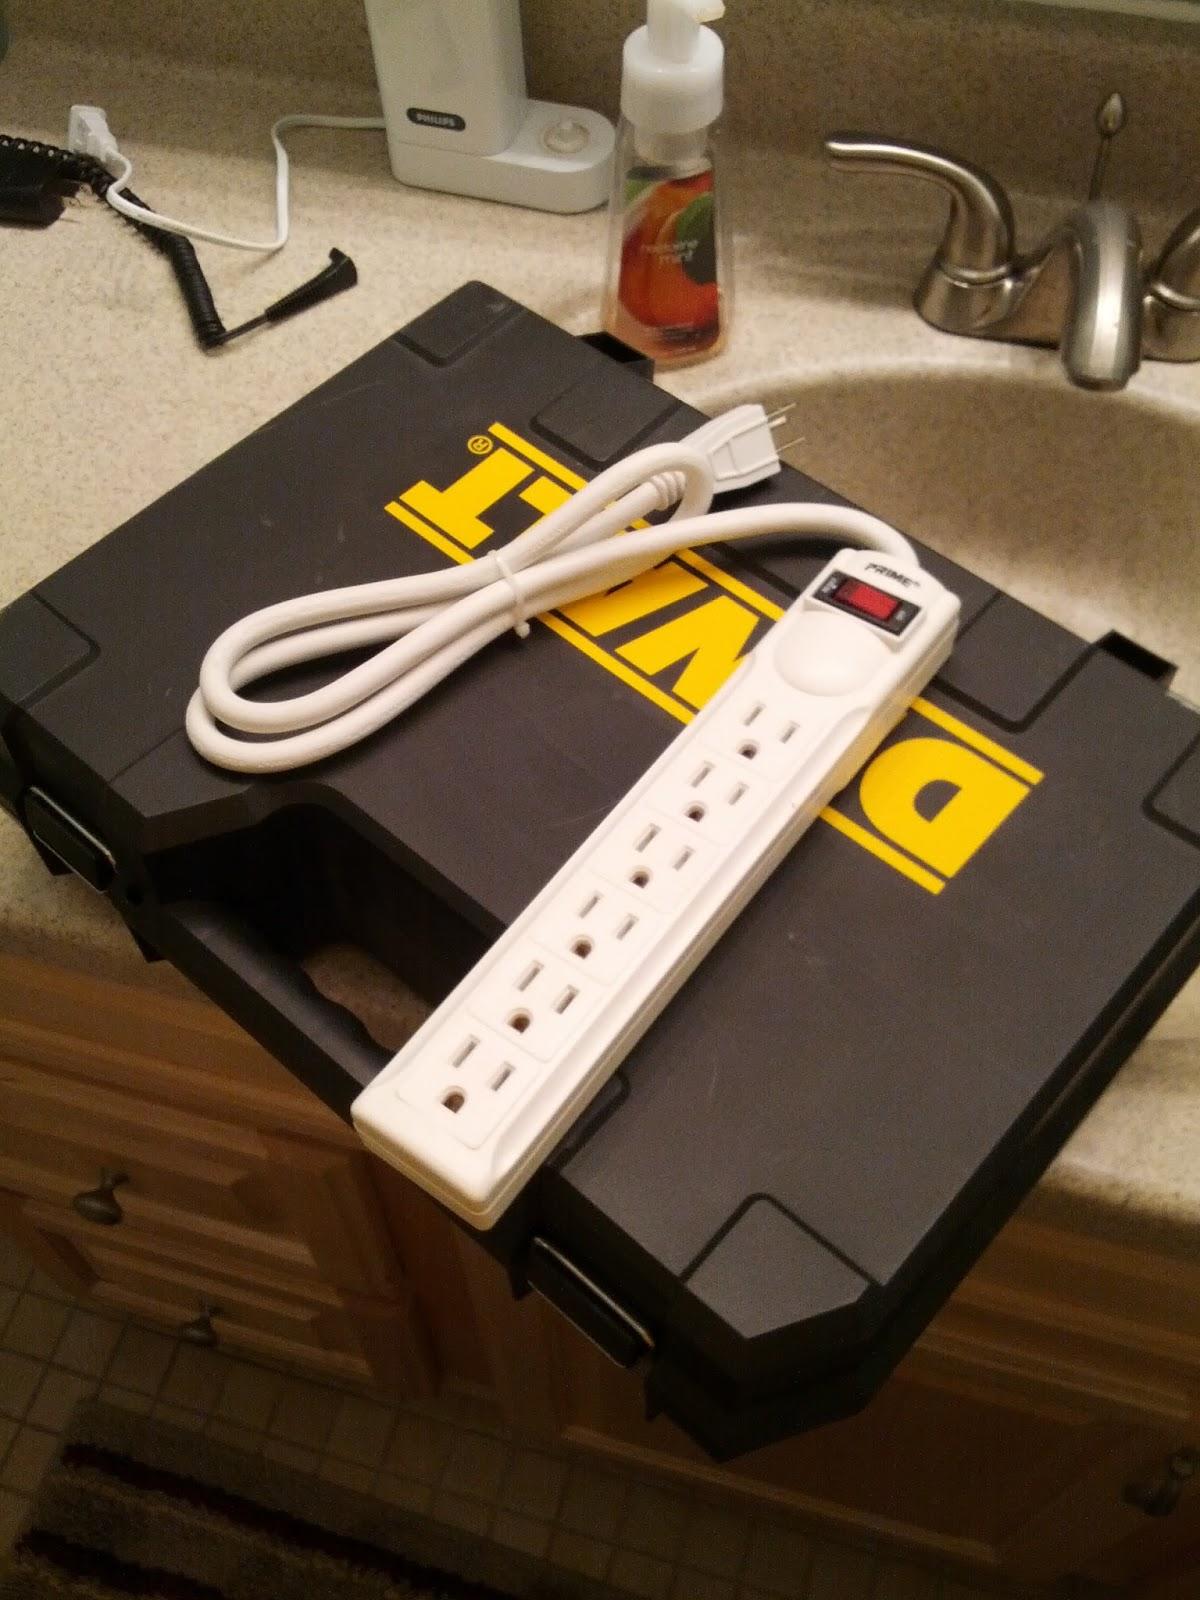 Mark's Project Blog: Ten-minute Hack: Bathroom Power